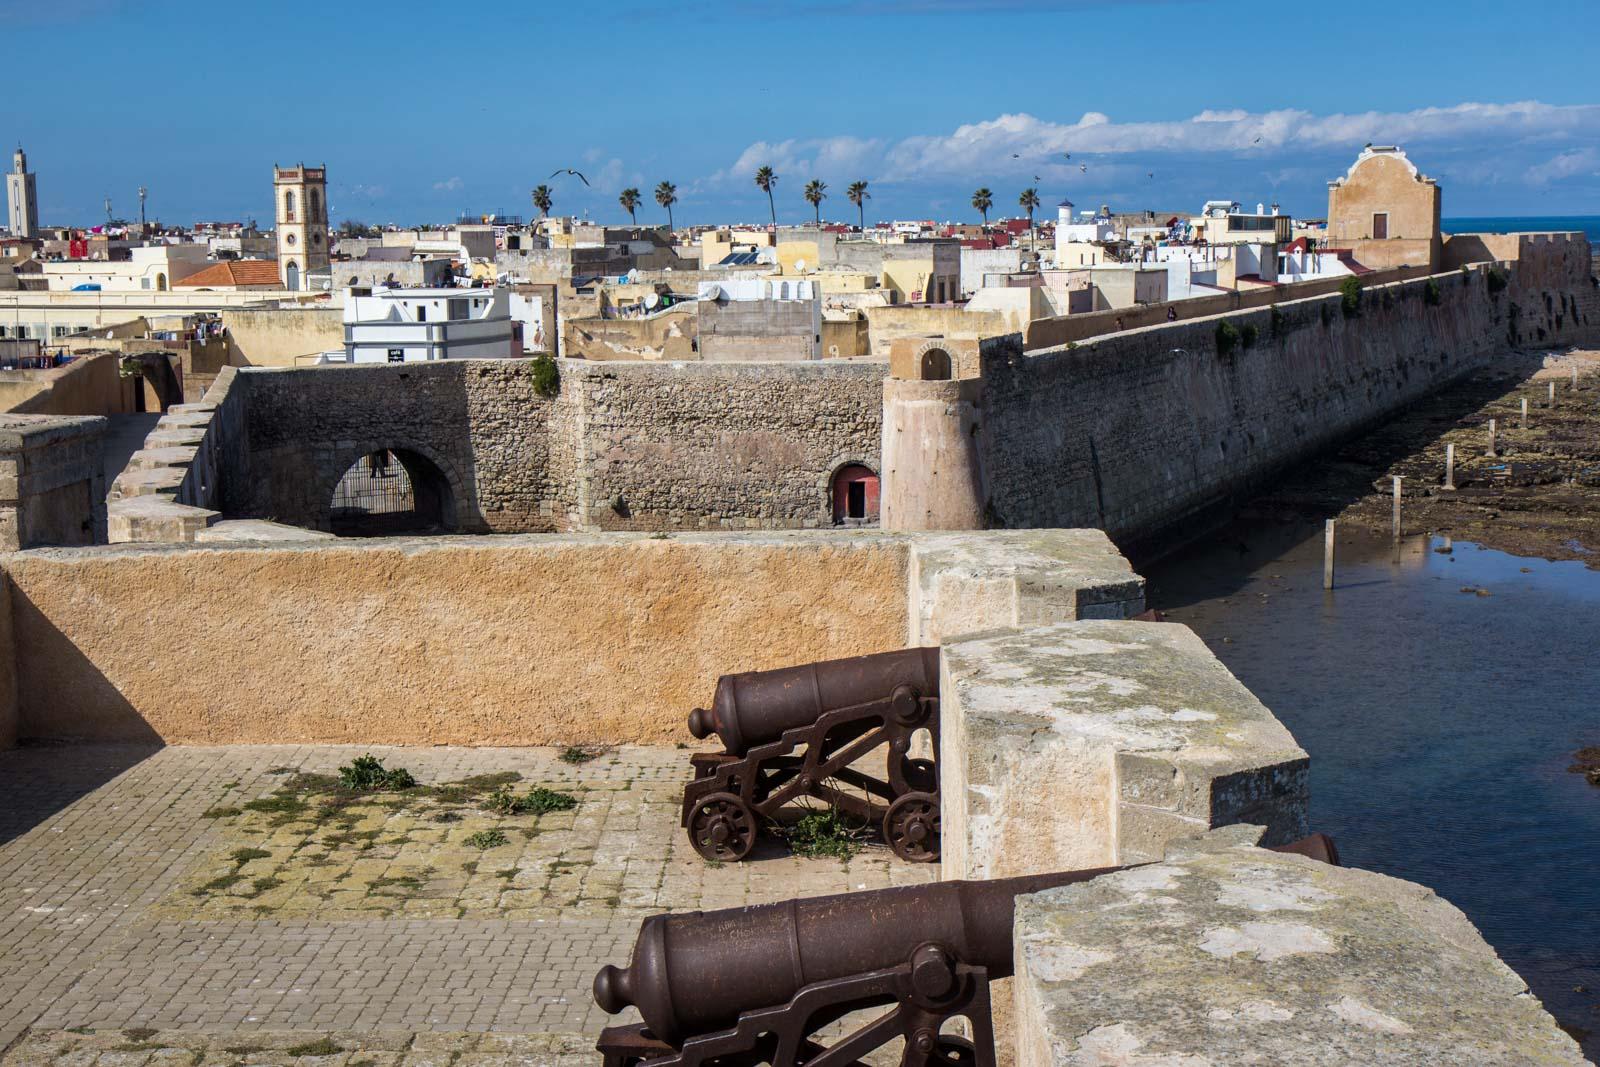 El Jadida, old town, Morocco